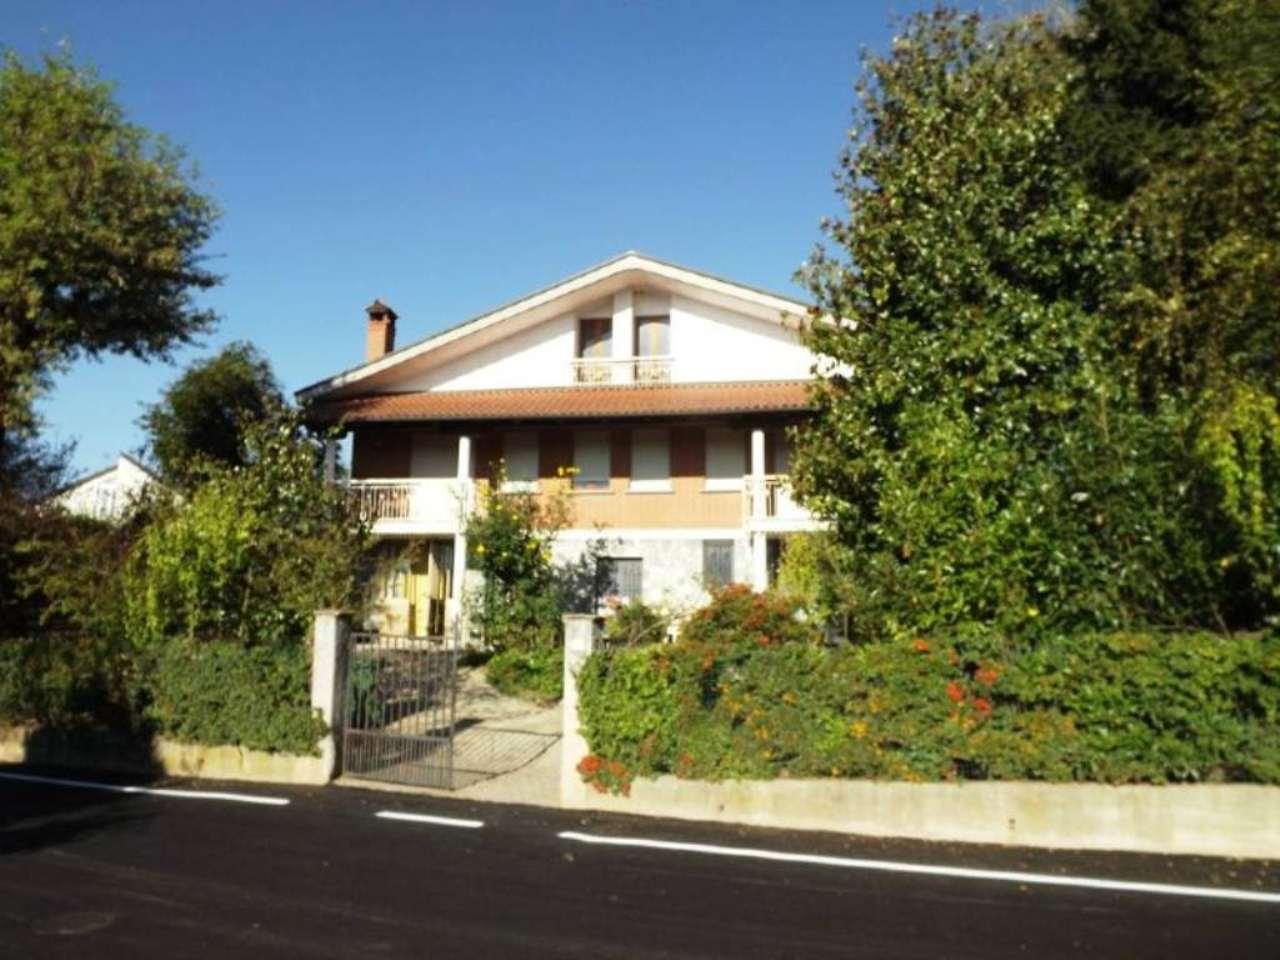 Soluzione Indipendente in vendita a Moncalieri, 8 locali, prezzo € 420.000 | CambioCasa.it